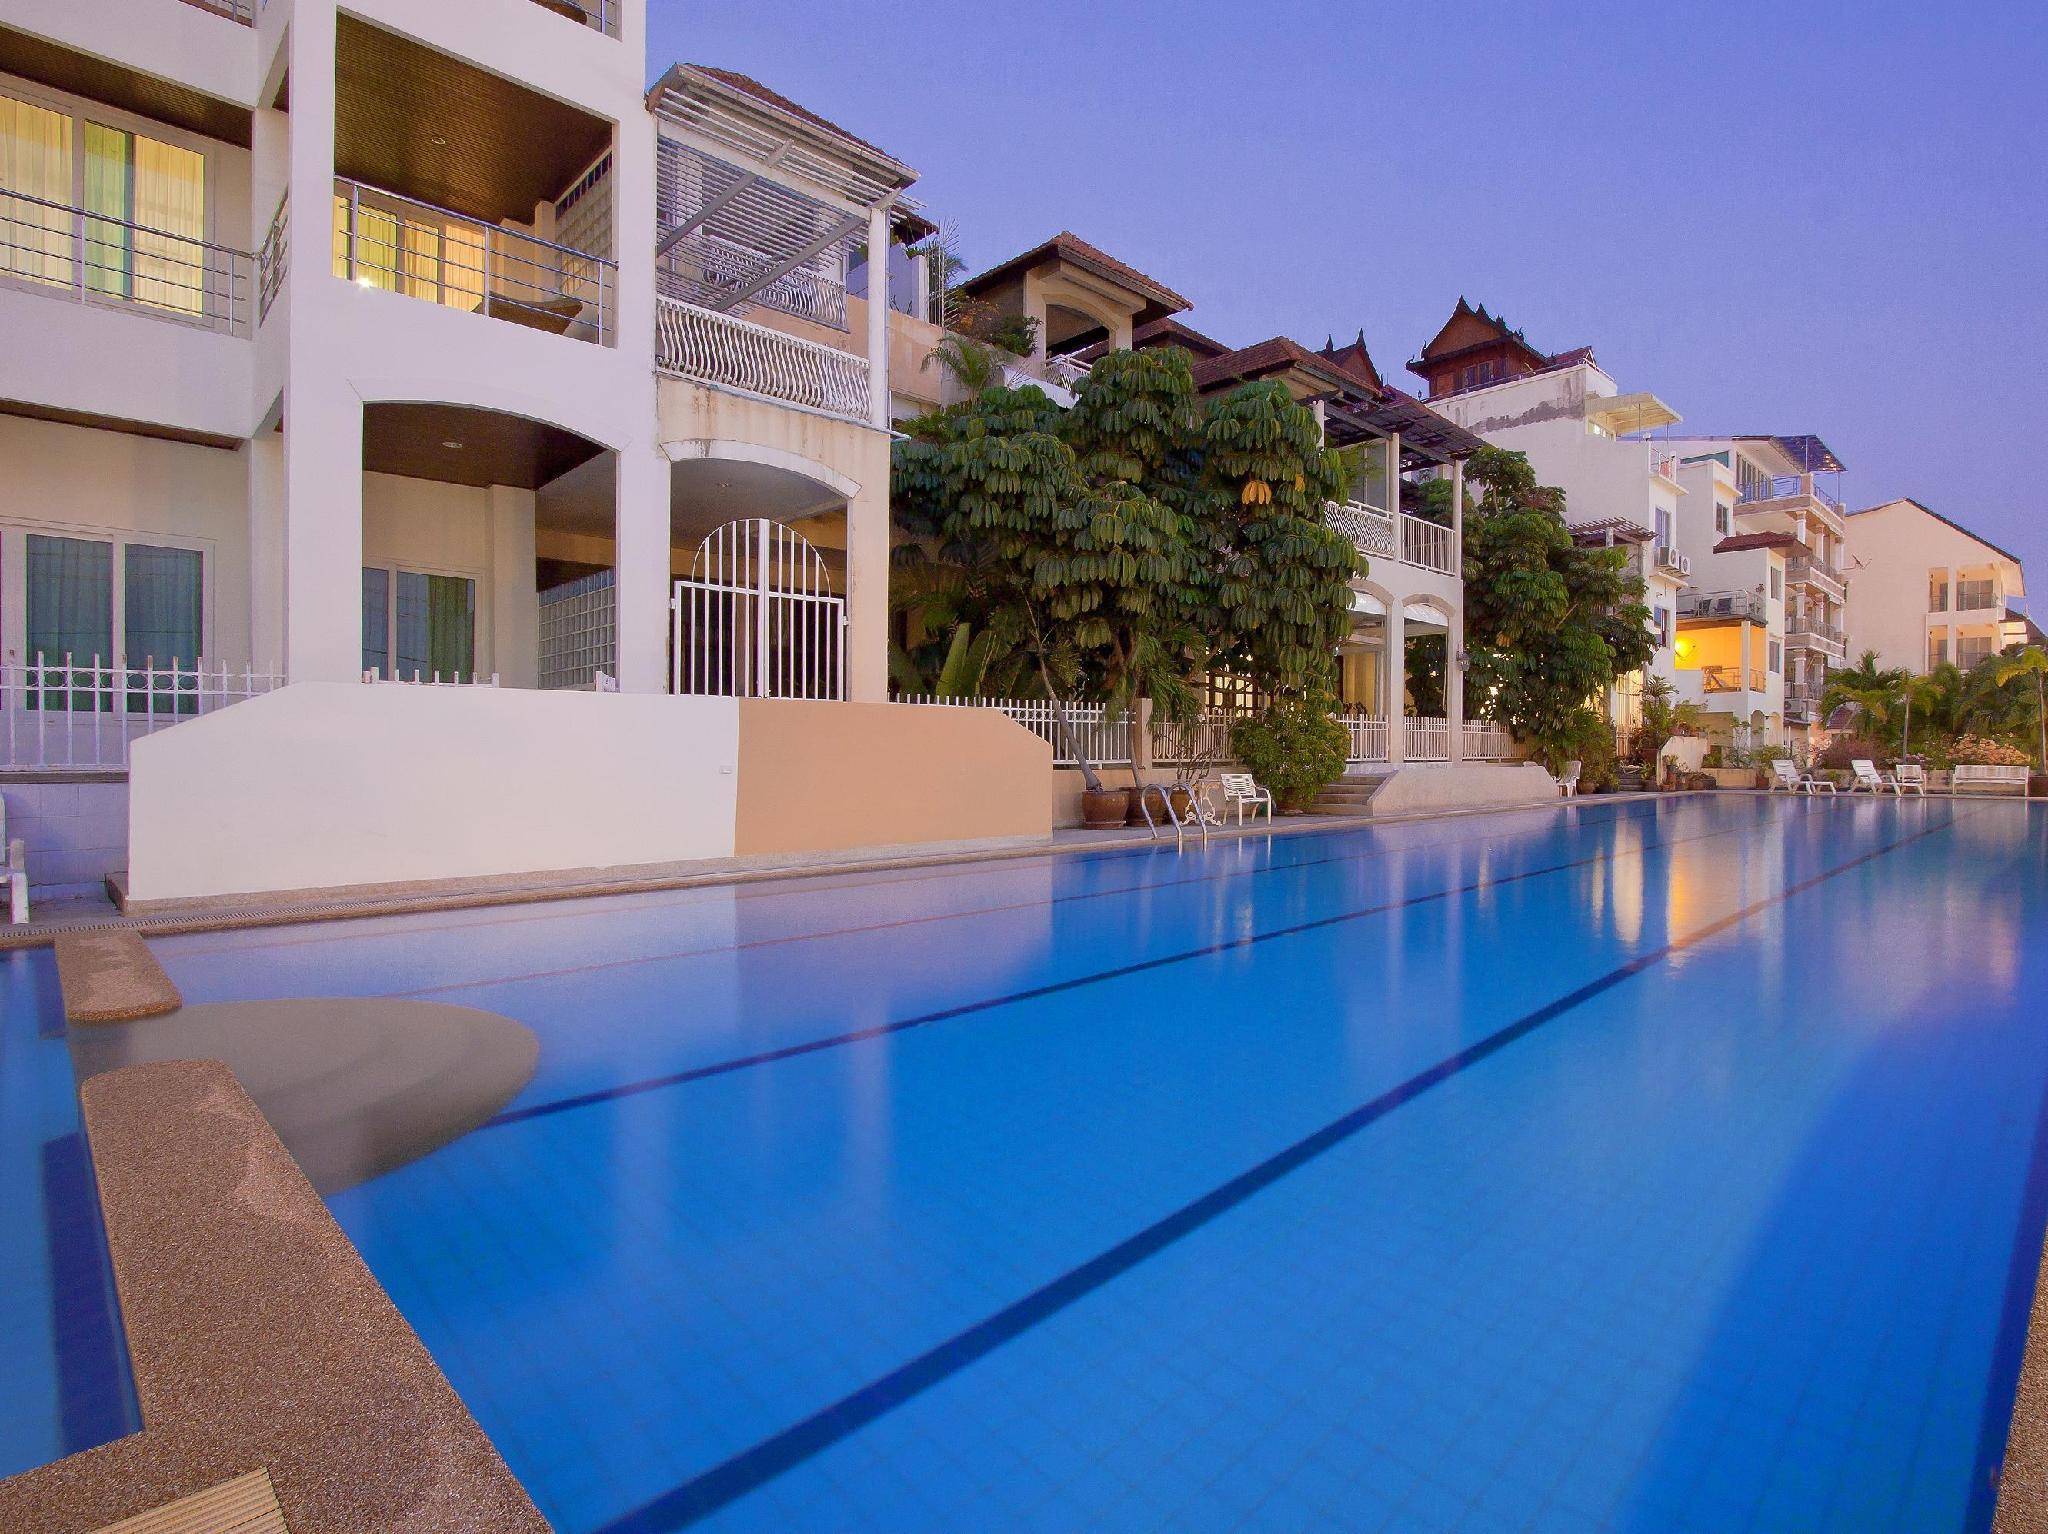 Argyle Apartments Pattaya,อาร์ไกอัล อพาร์ตเมนต์ พัทยา